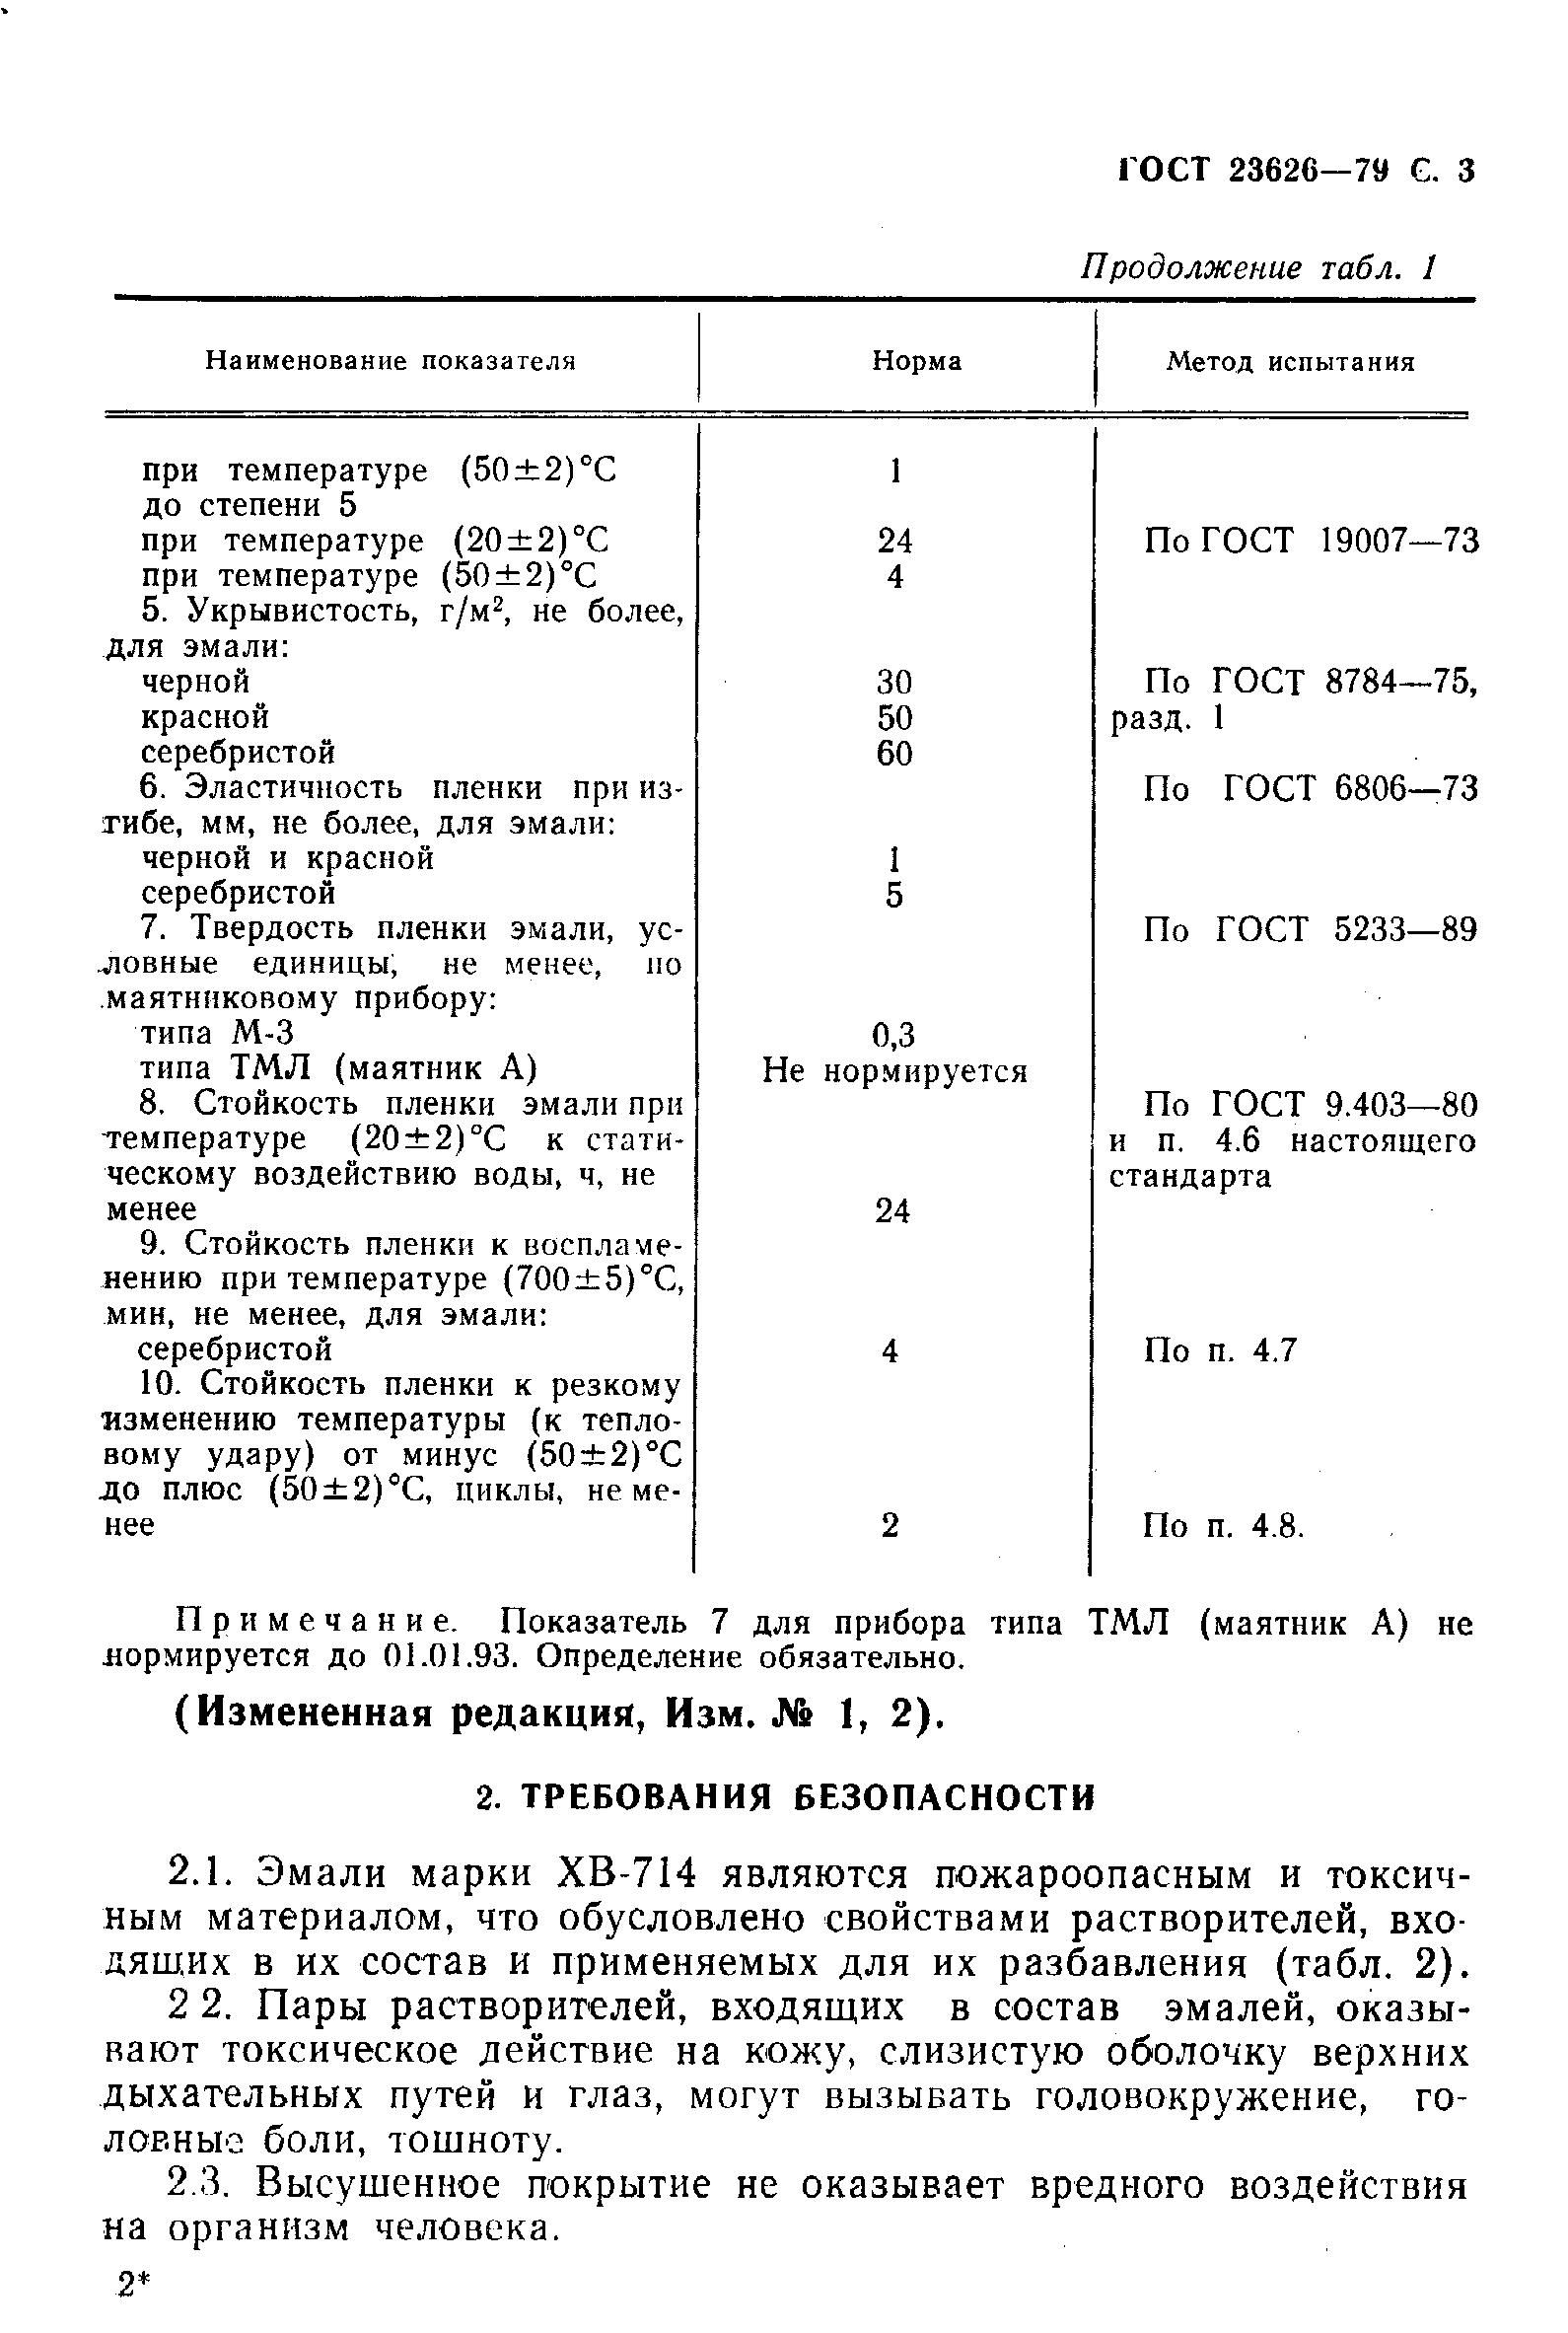 ГОСТ 23626-79. Страница 4